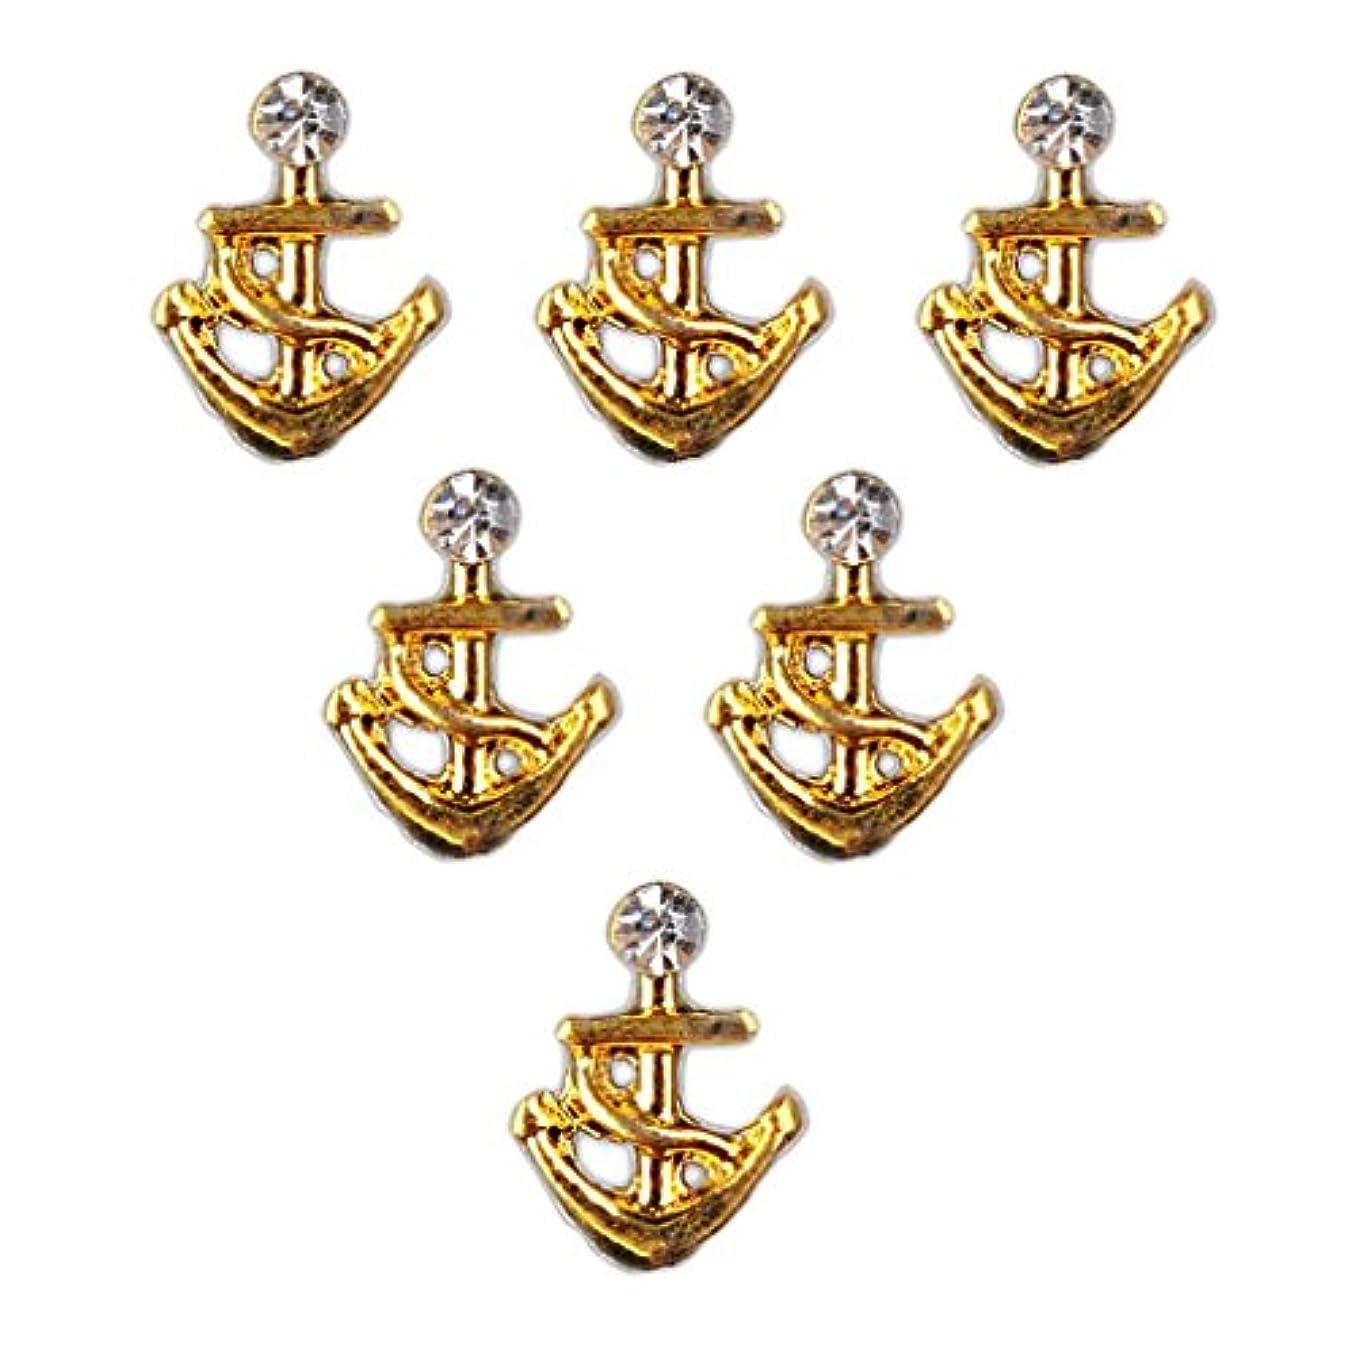 までエイリアス失望ネイル ネイルデザイン ダイヤモンド 約50個 3Dネイルアート ヒントステッカー 装飾 おしゃれ 全8タイプ選べ - 1